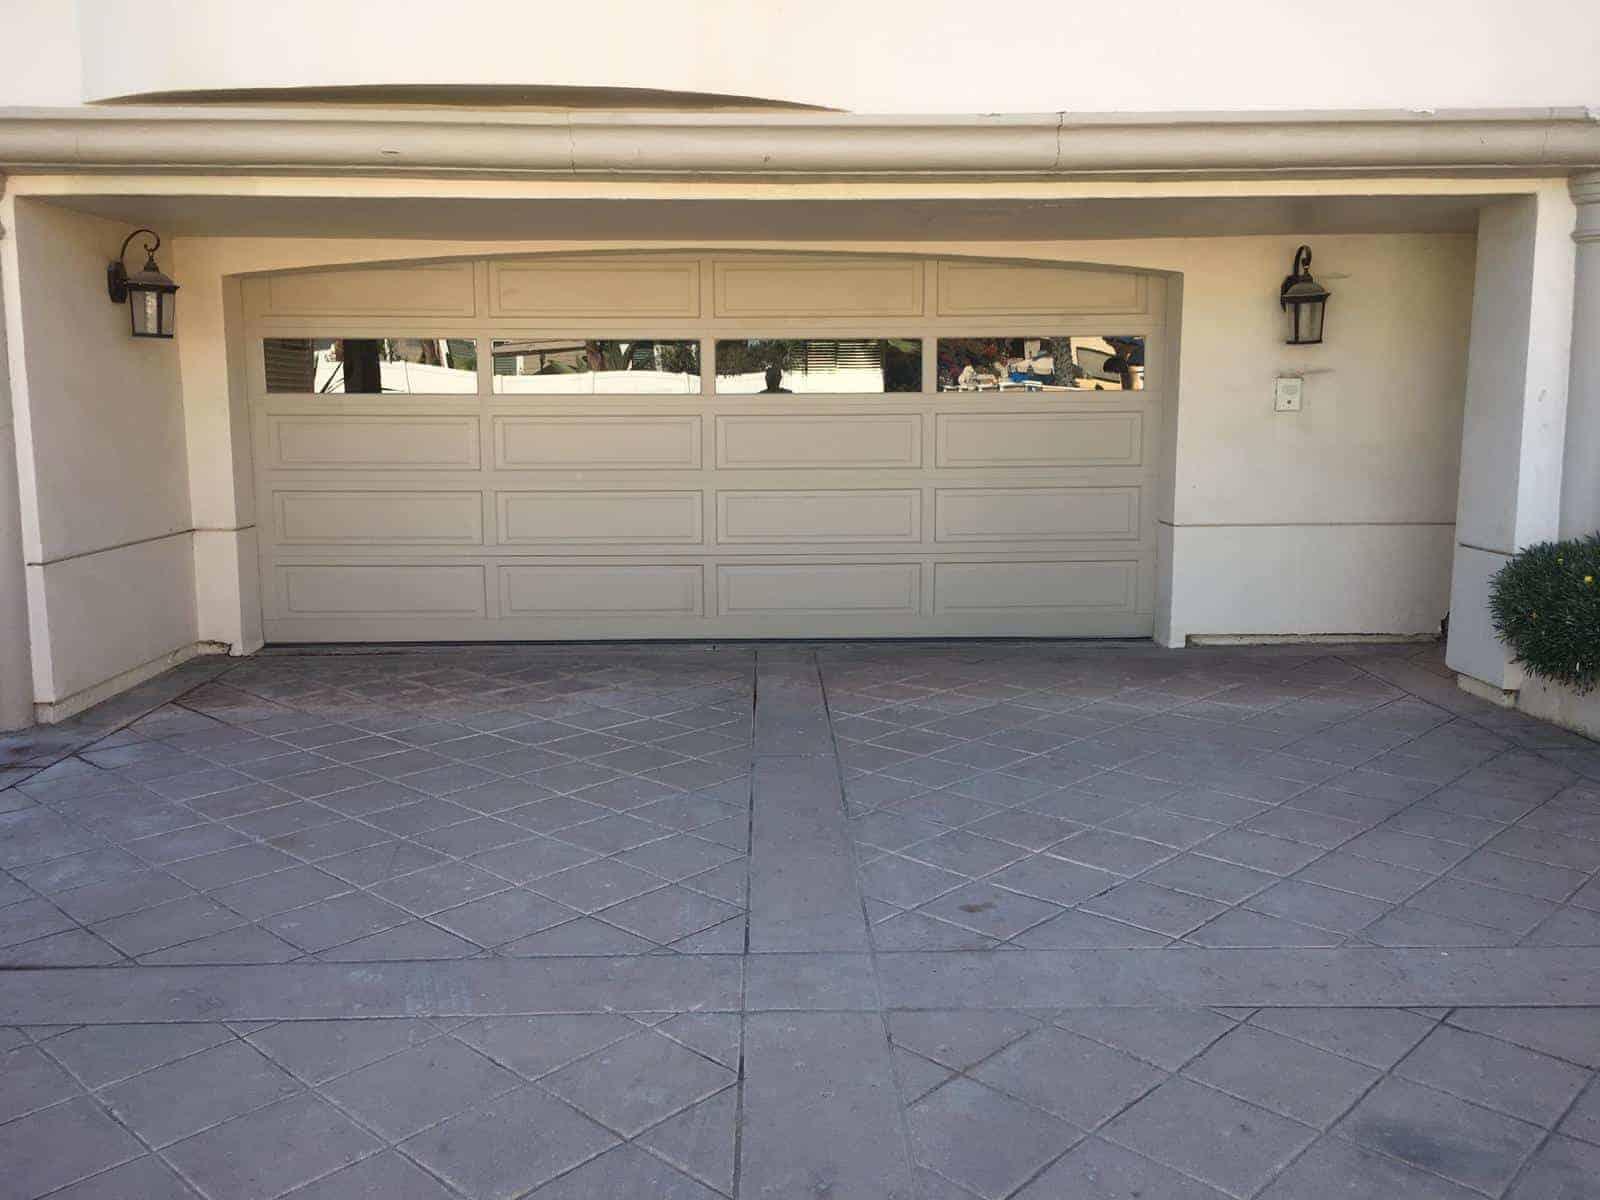 Portola Valley CA Garage Door Repair & Replacement